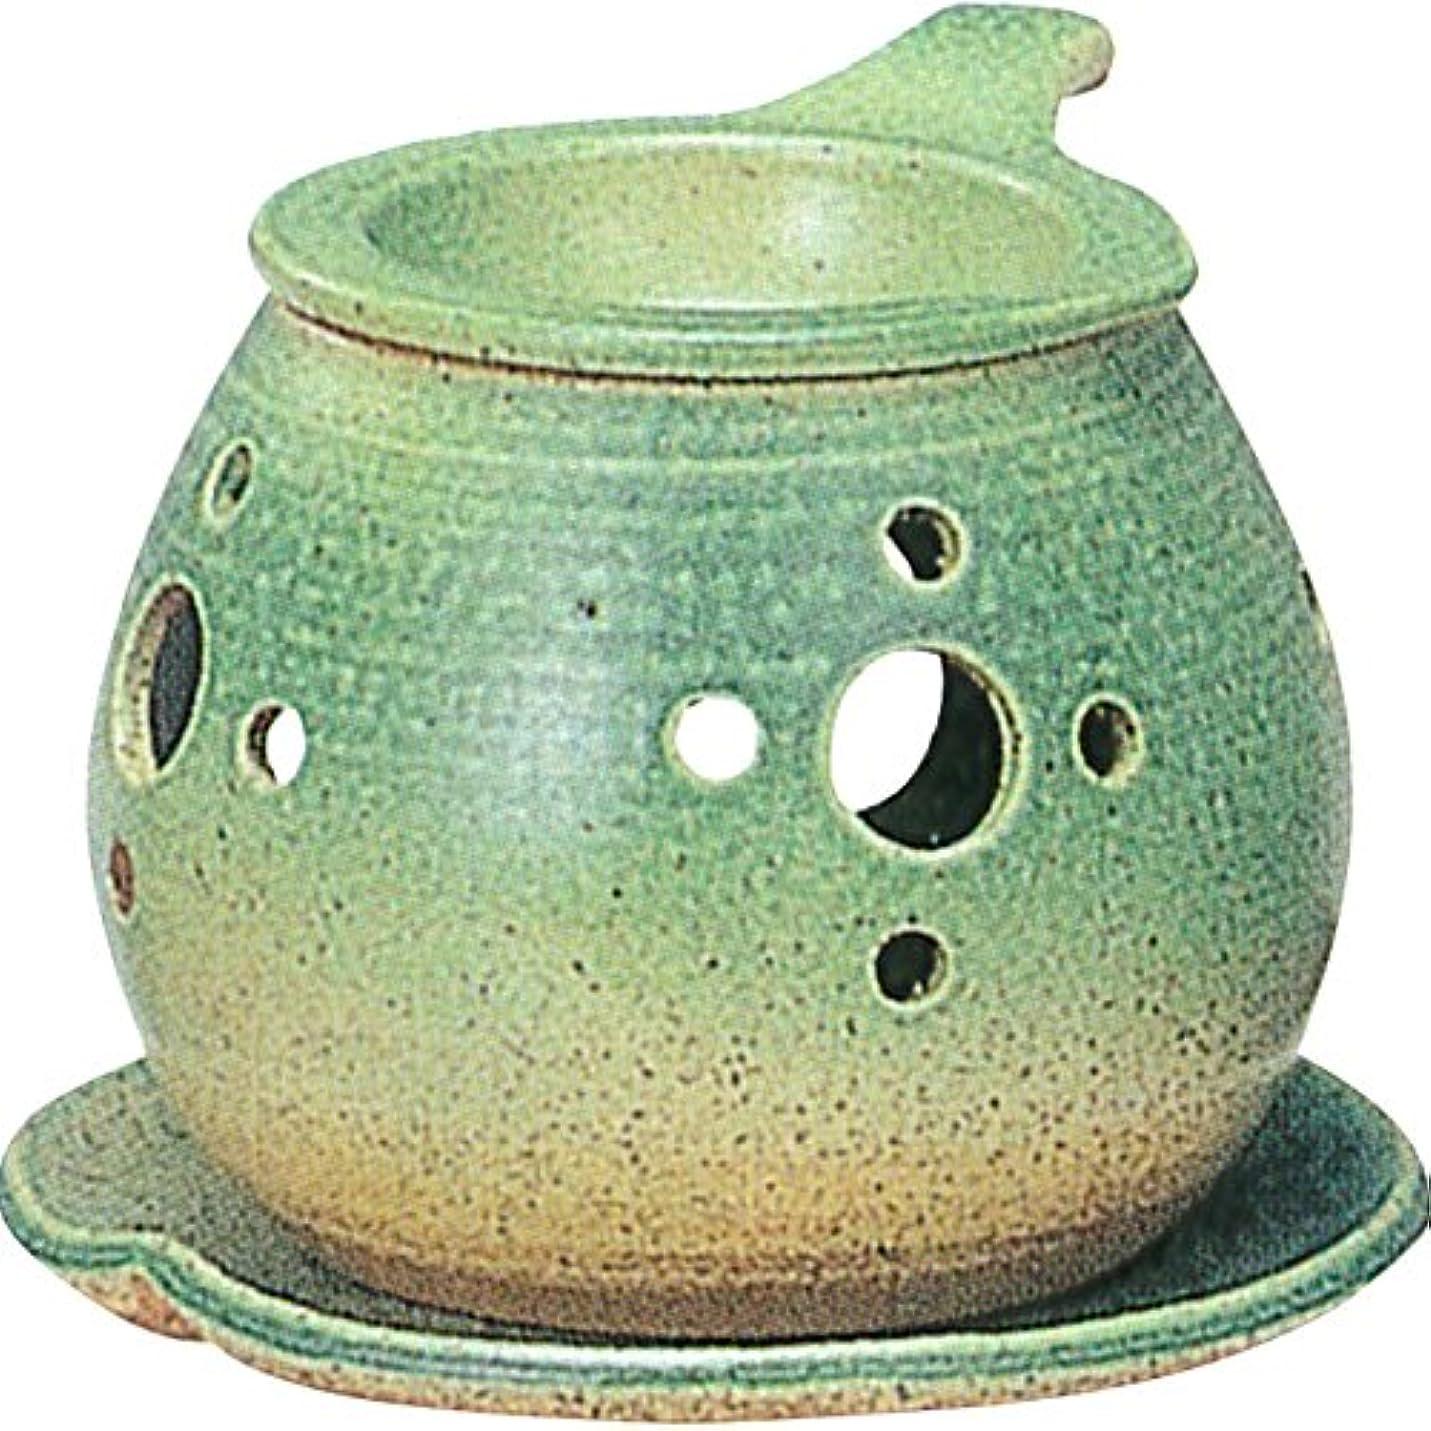 石鹸奴隷シプリー茶香炉 : 常滑焼 間宮 茶香炉? ル35-02